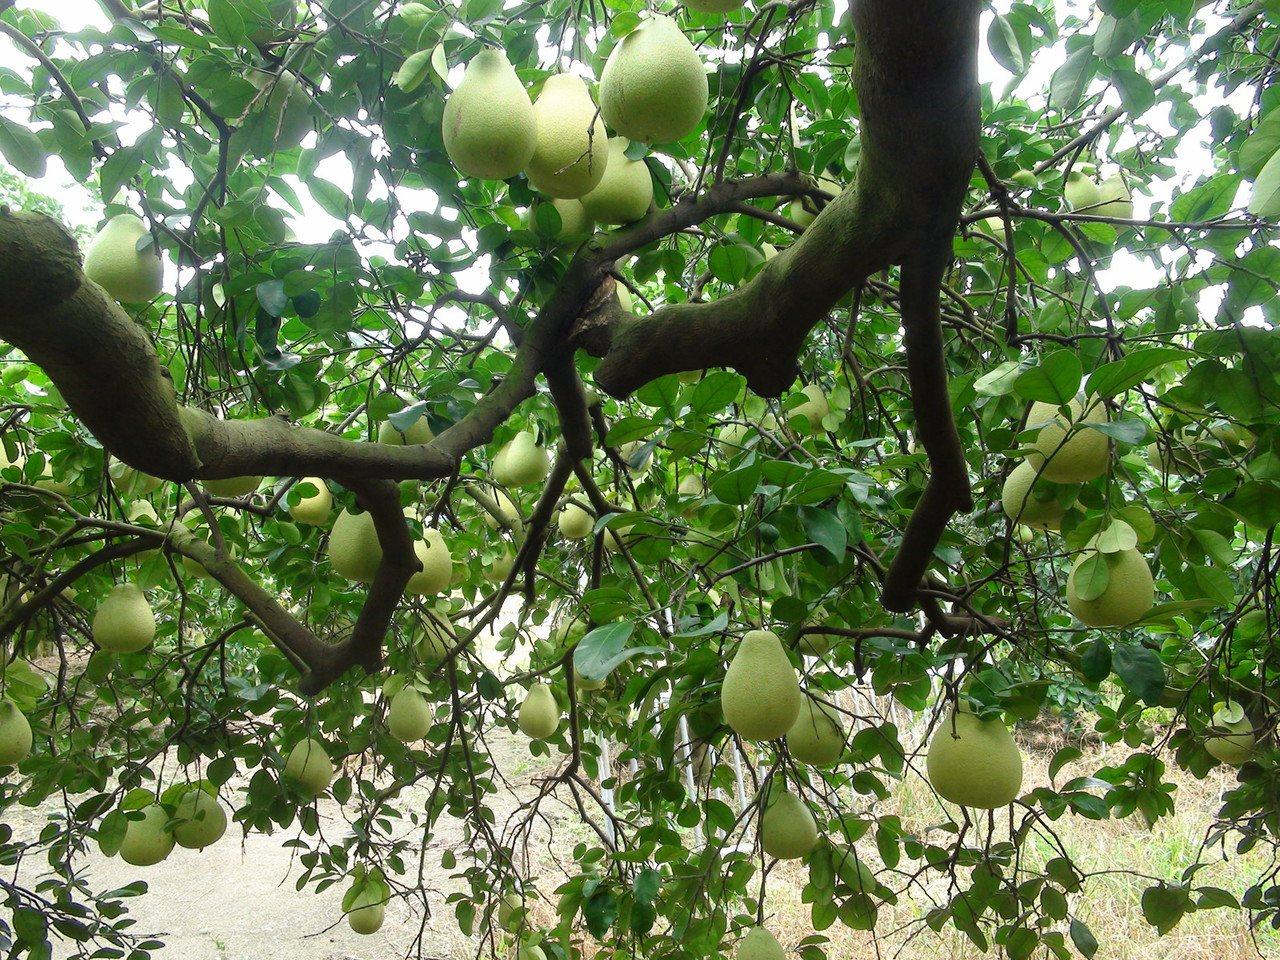 台中市潭子區種植約20公頃的文旦柚,由於潭子山區海拔約350公尺,日夜溫差大,生...